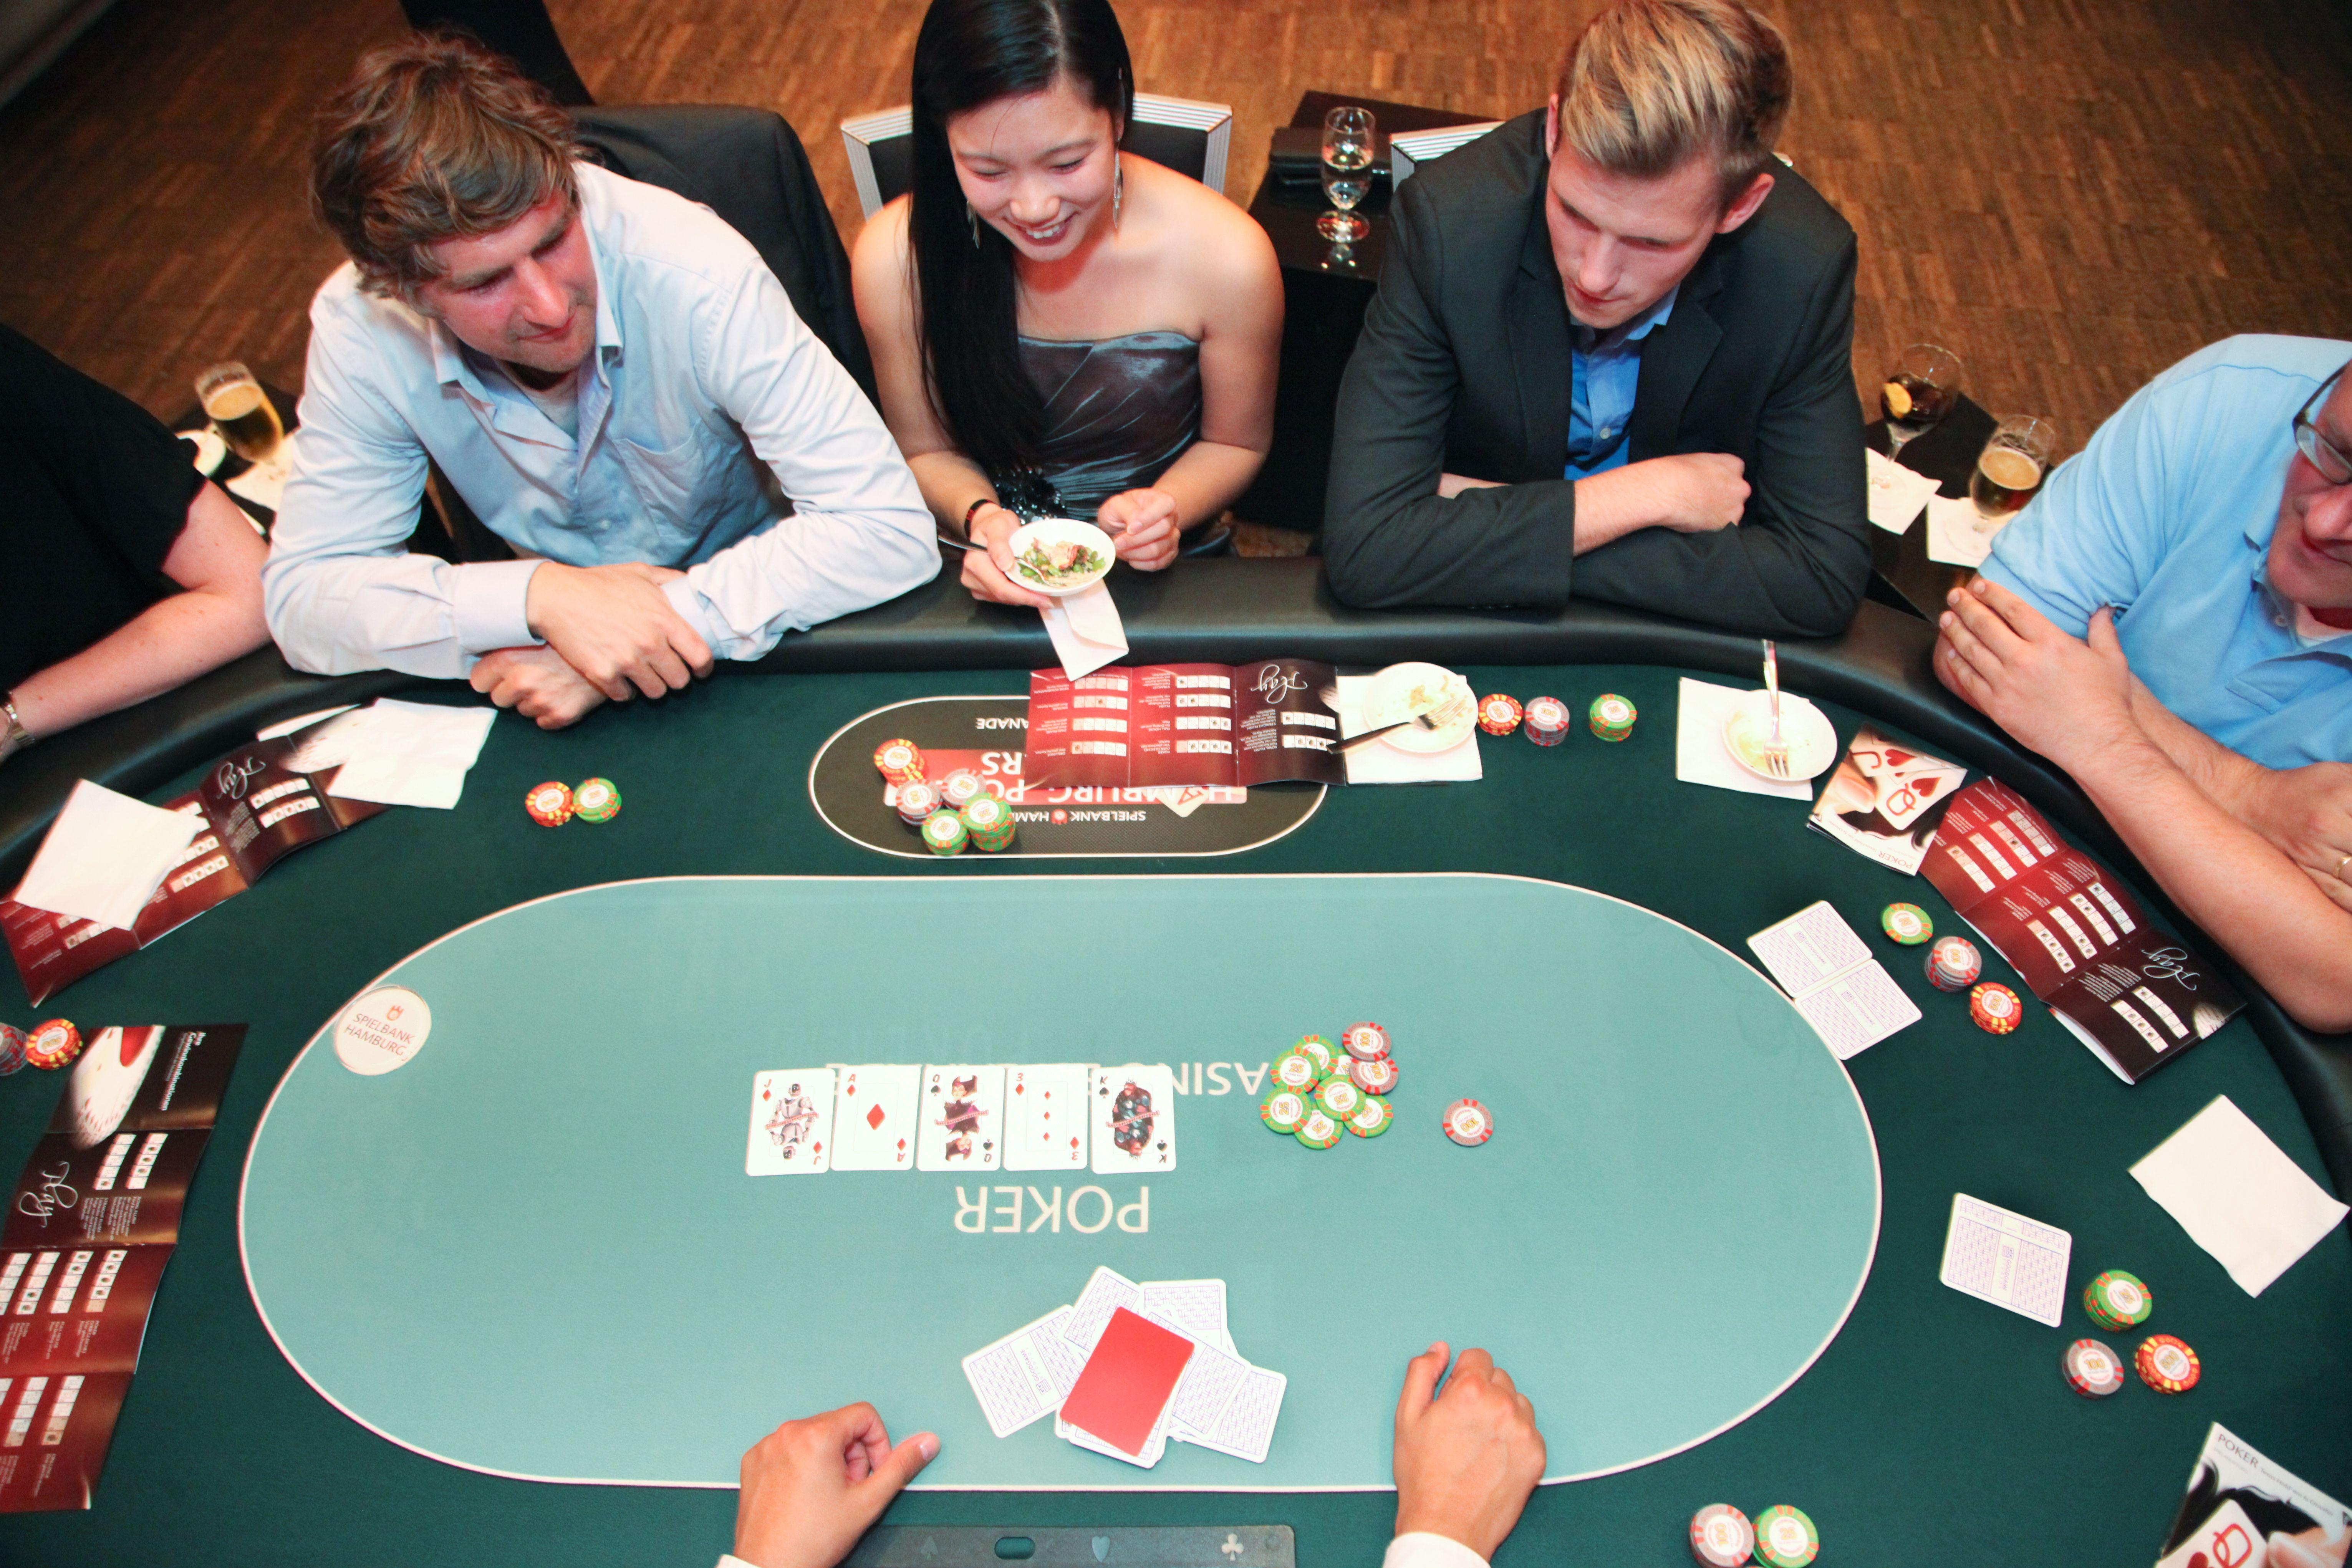 Neuartige Networking Veranstaltung: Die Goodgame-All-In-Pokernight